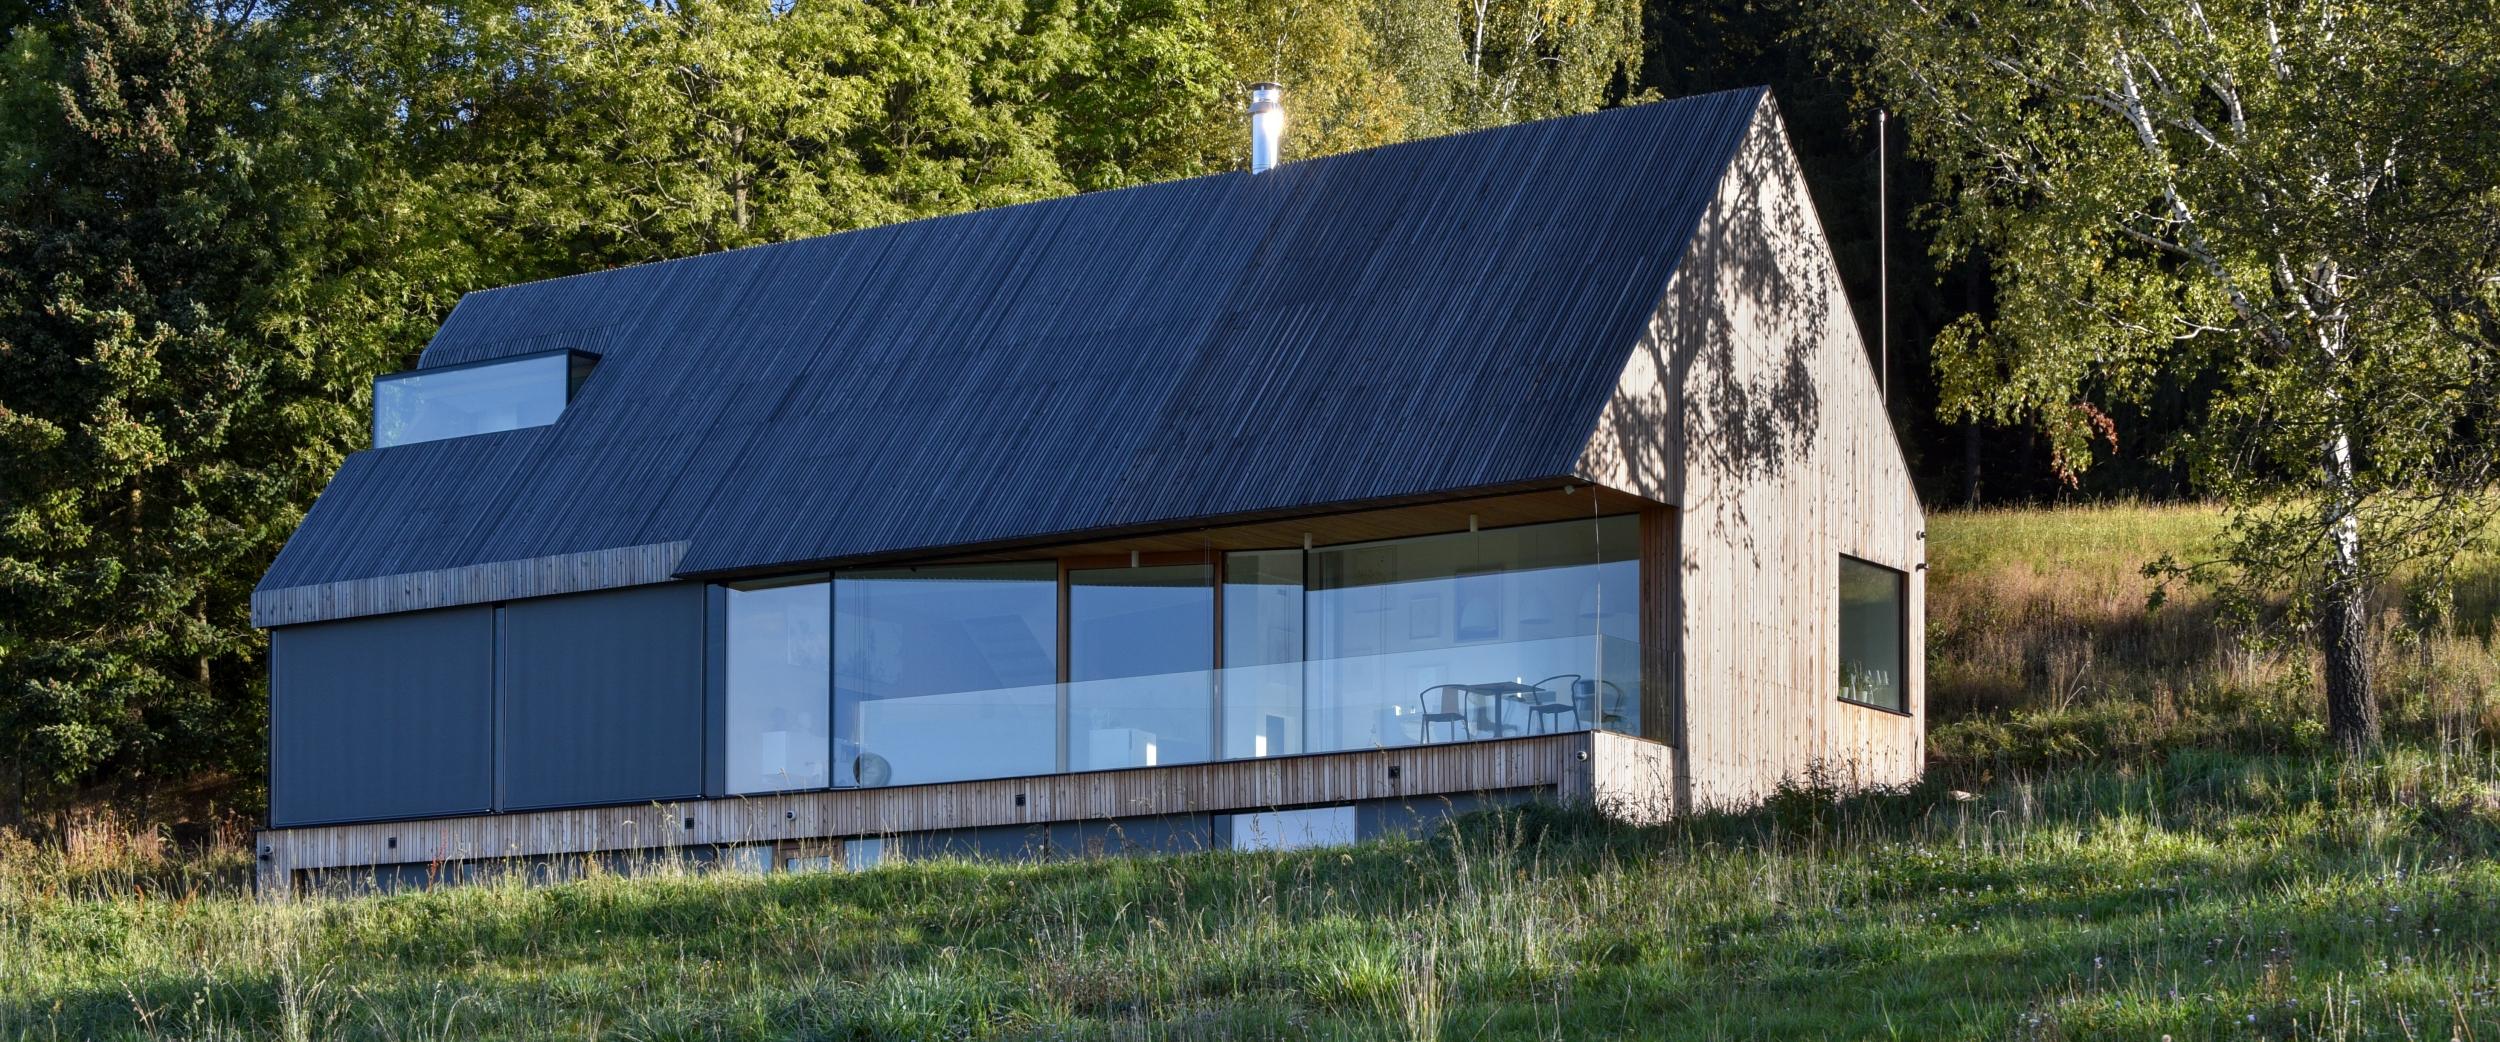 Nízkoenergetický rodinný dům v Malých Svatoňovicích